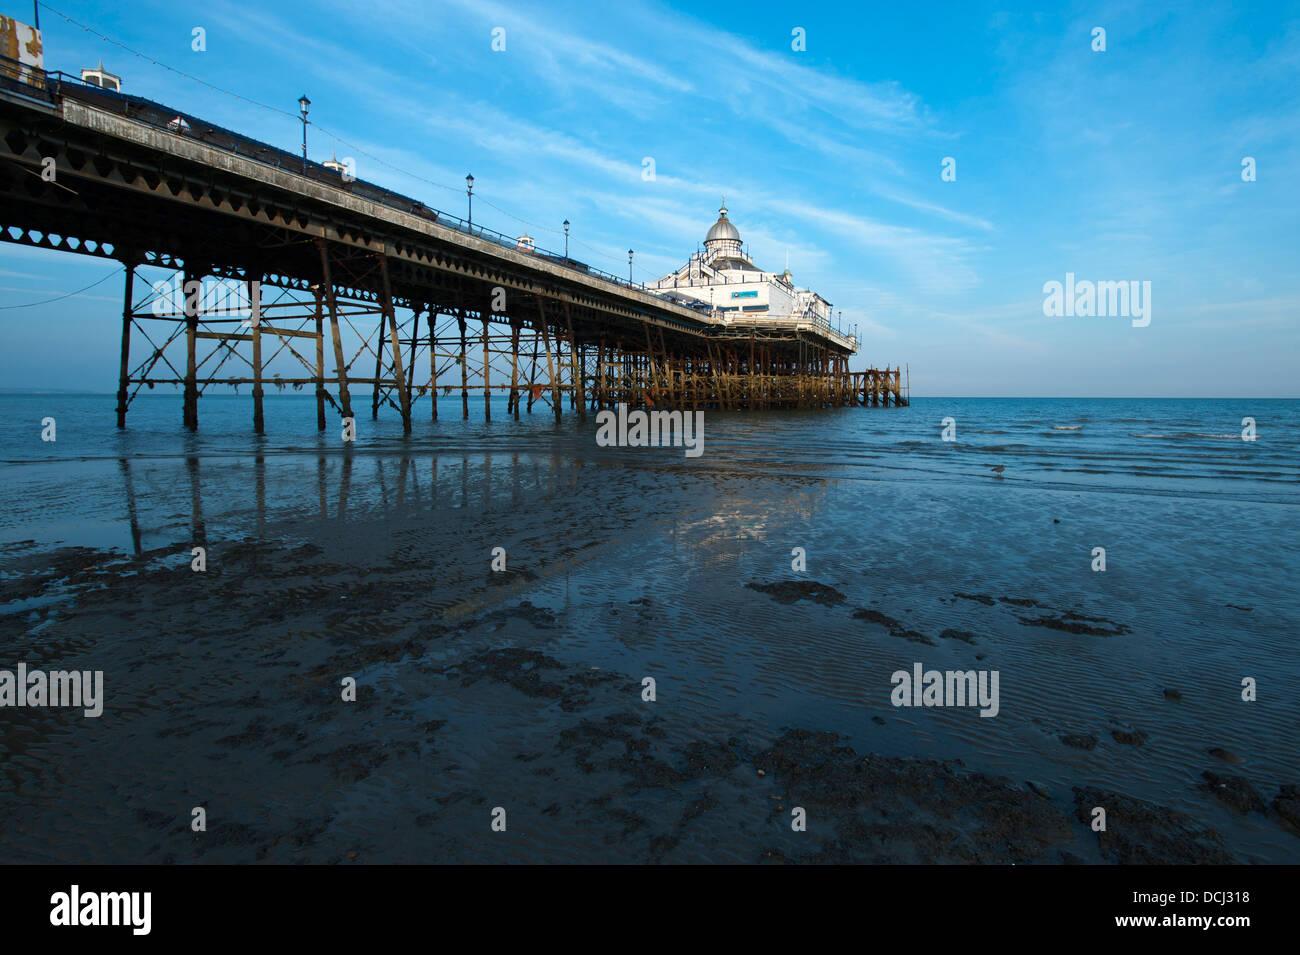 Eastbourne Pier bei Ebbe, in der südlichen Grafschaft East Sussex in England, UK. Stockfoto